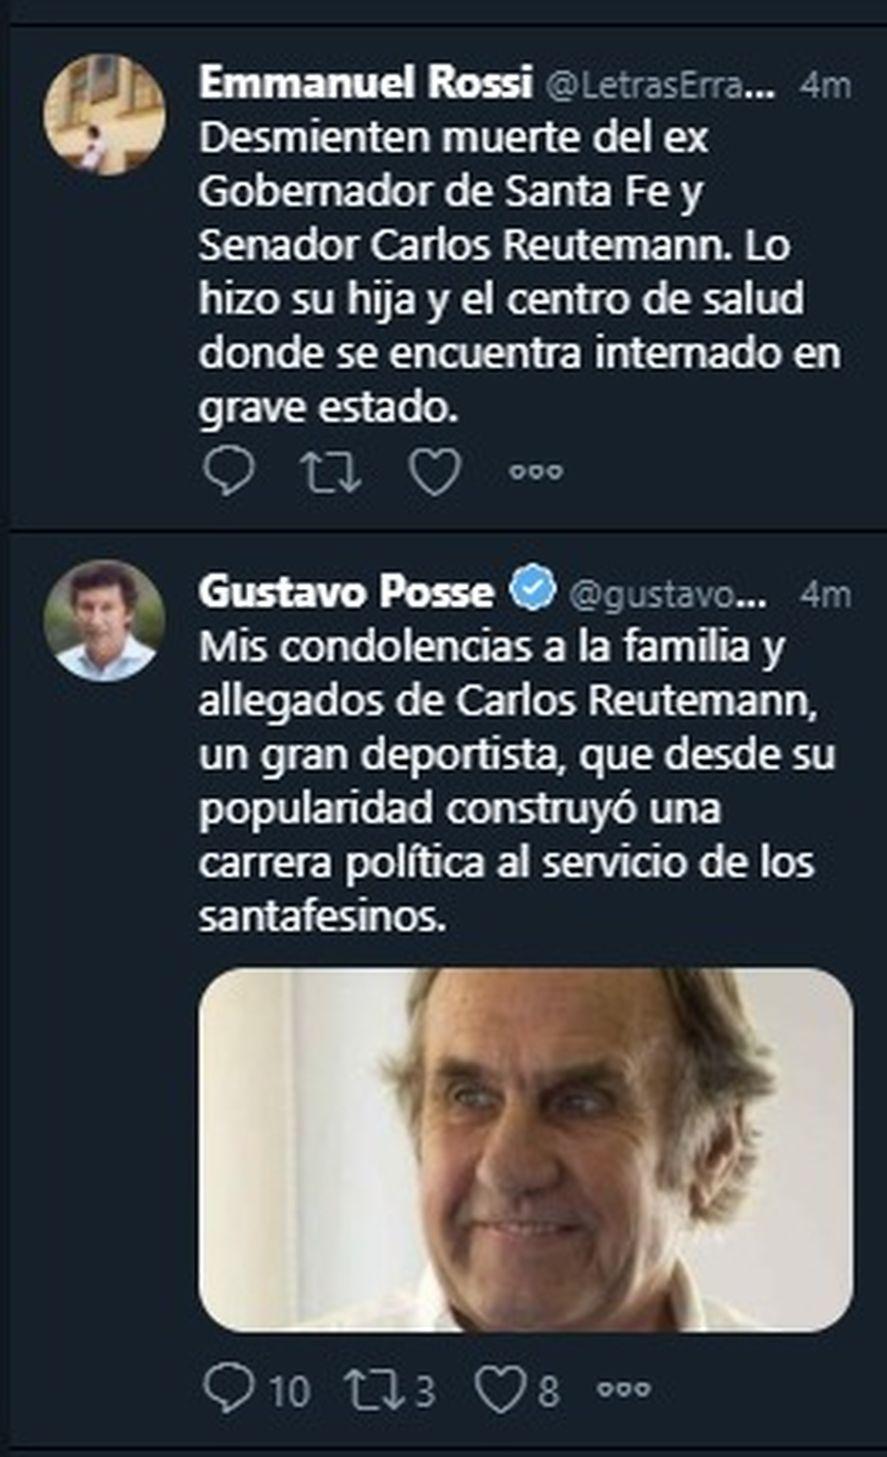 Gustavo Posse, intendente de San Isidro, fue uno de los políticos que creyó la fake news de TN y La Nación, y envió públicamente sus condolencias haciéndose eco de la supuesta muerte de Carlos Reutemann